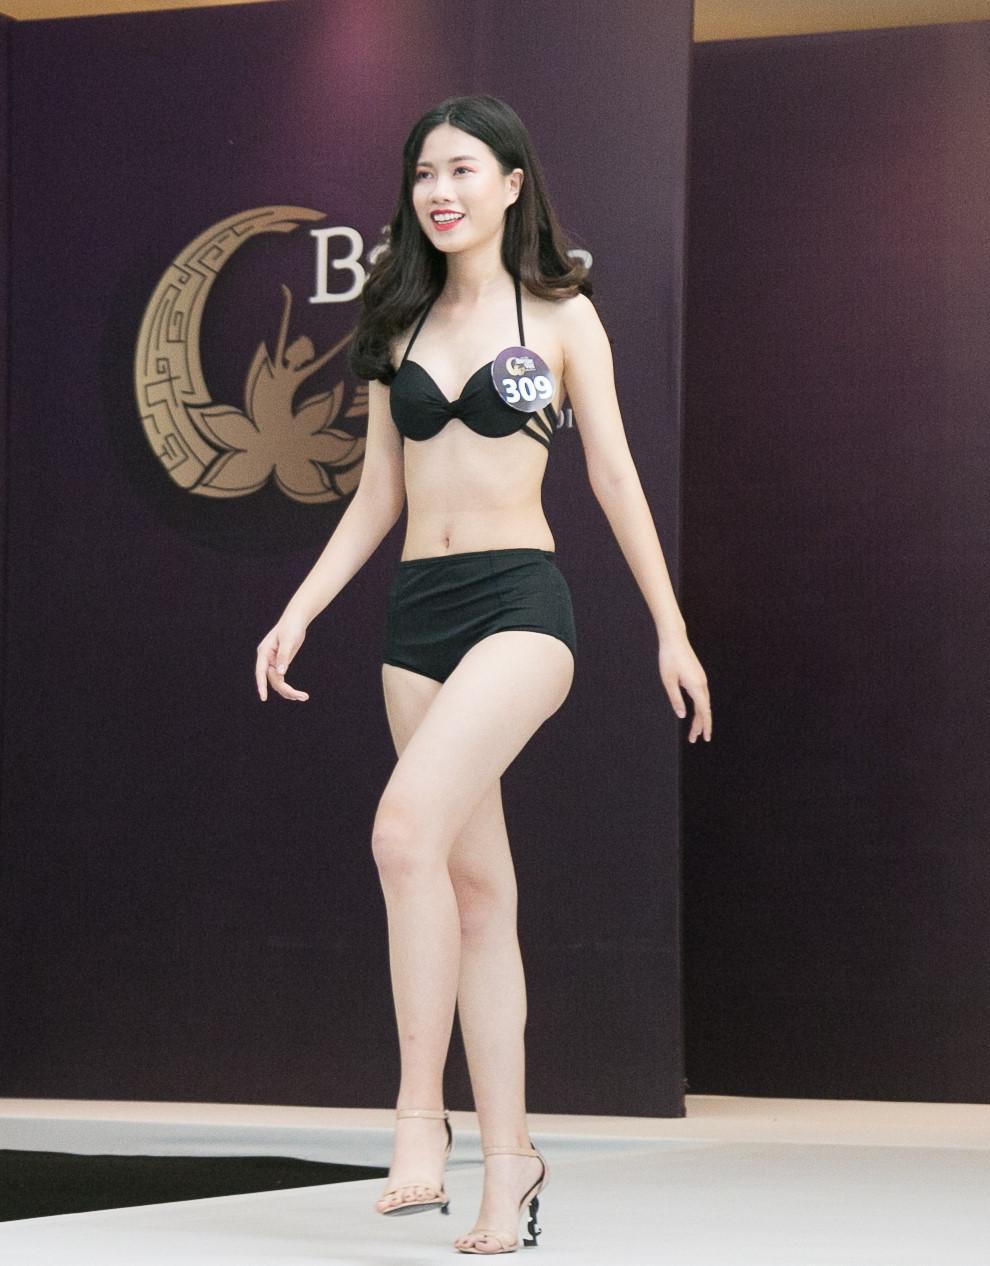 Thí sinh Hoa hậu Bản sắc Việt mặc áo tắm thi hình thể: Mặt xinh, eo to-11